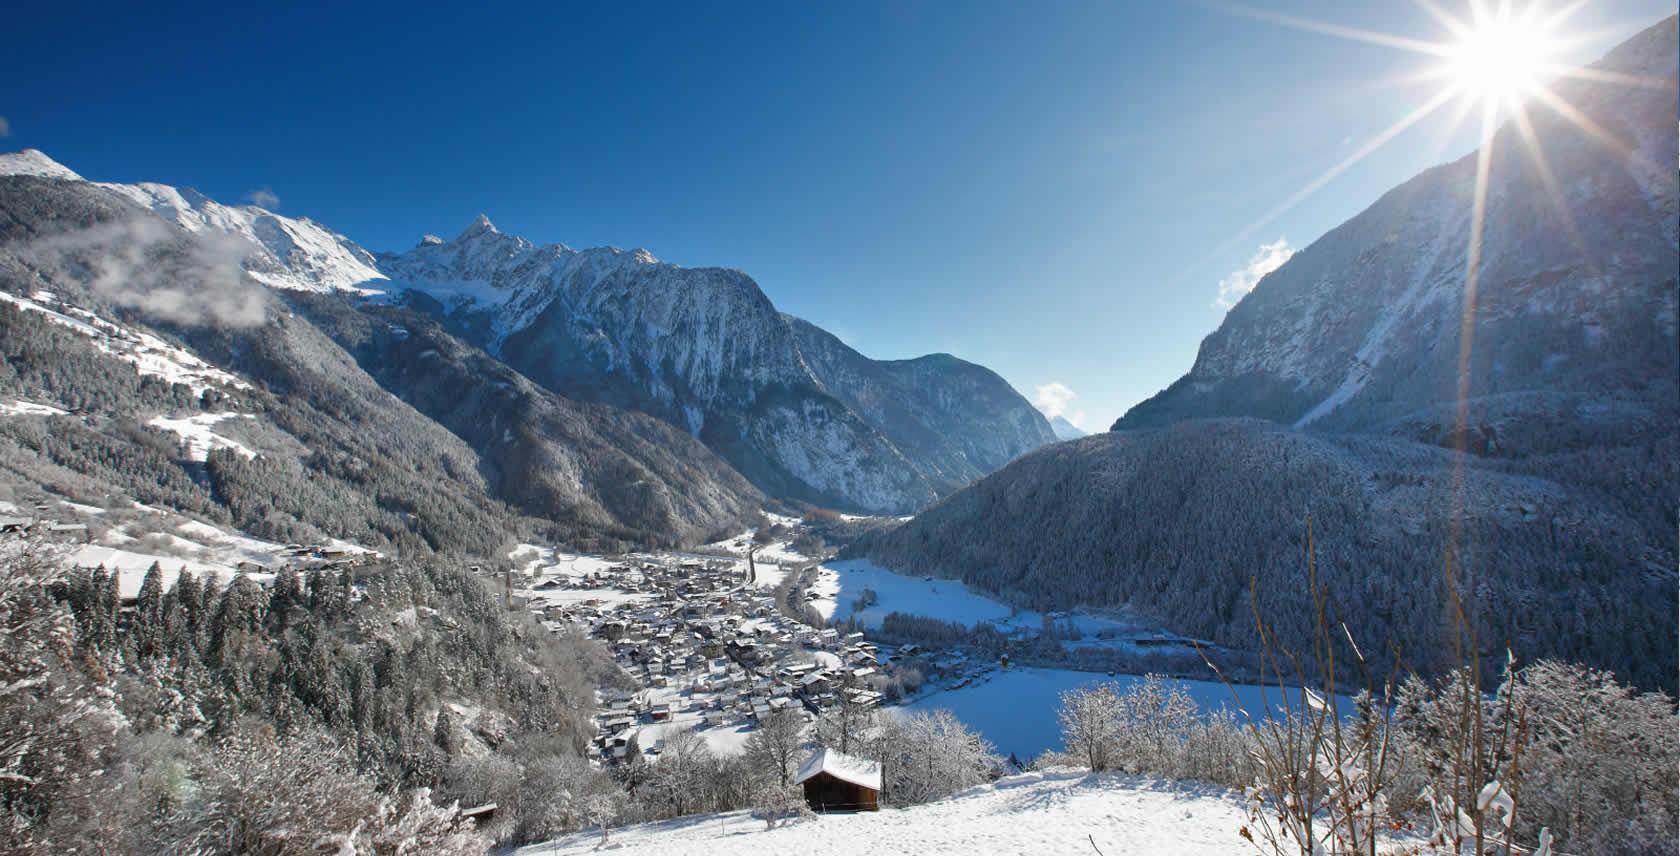 Im Ötztal ist sogar der Schnee weißer und die Sonne heller (Bild: Ötztal Tourismus)